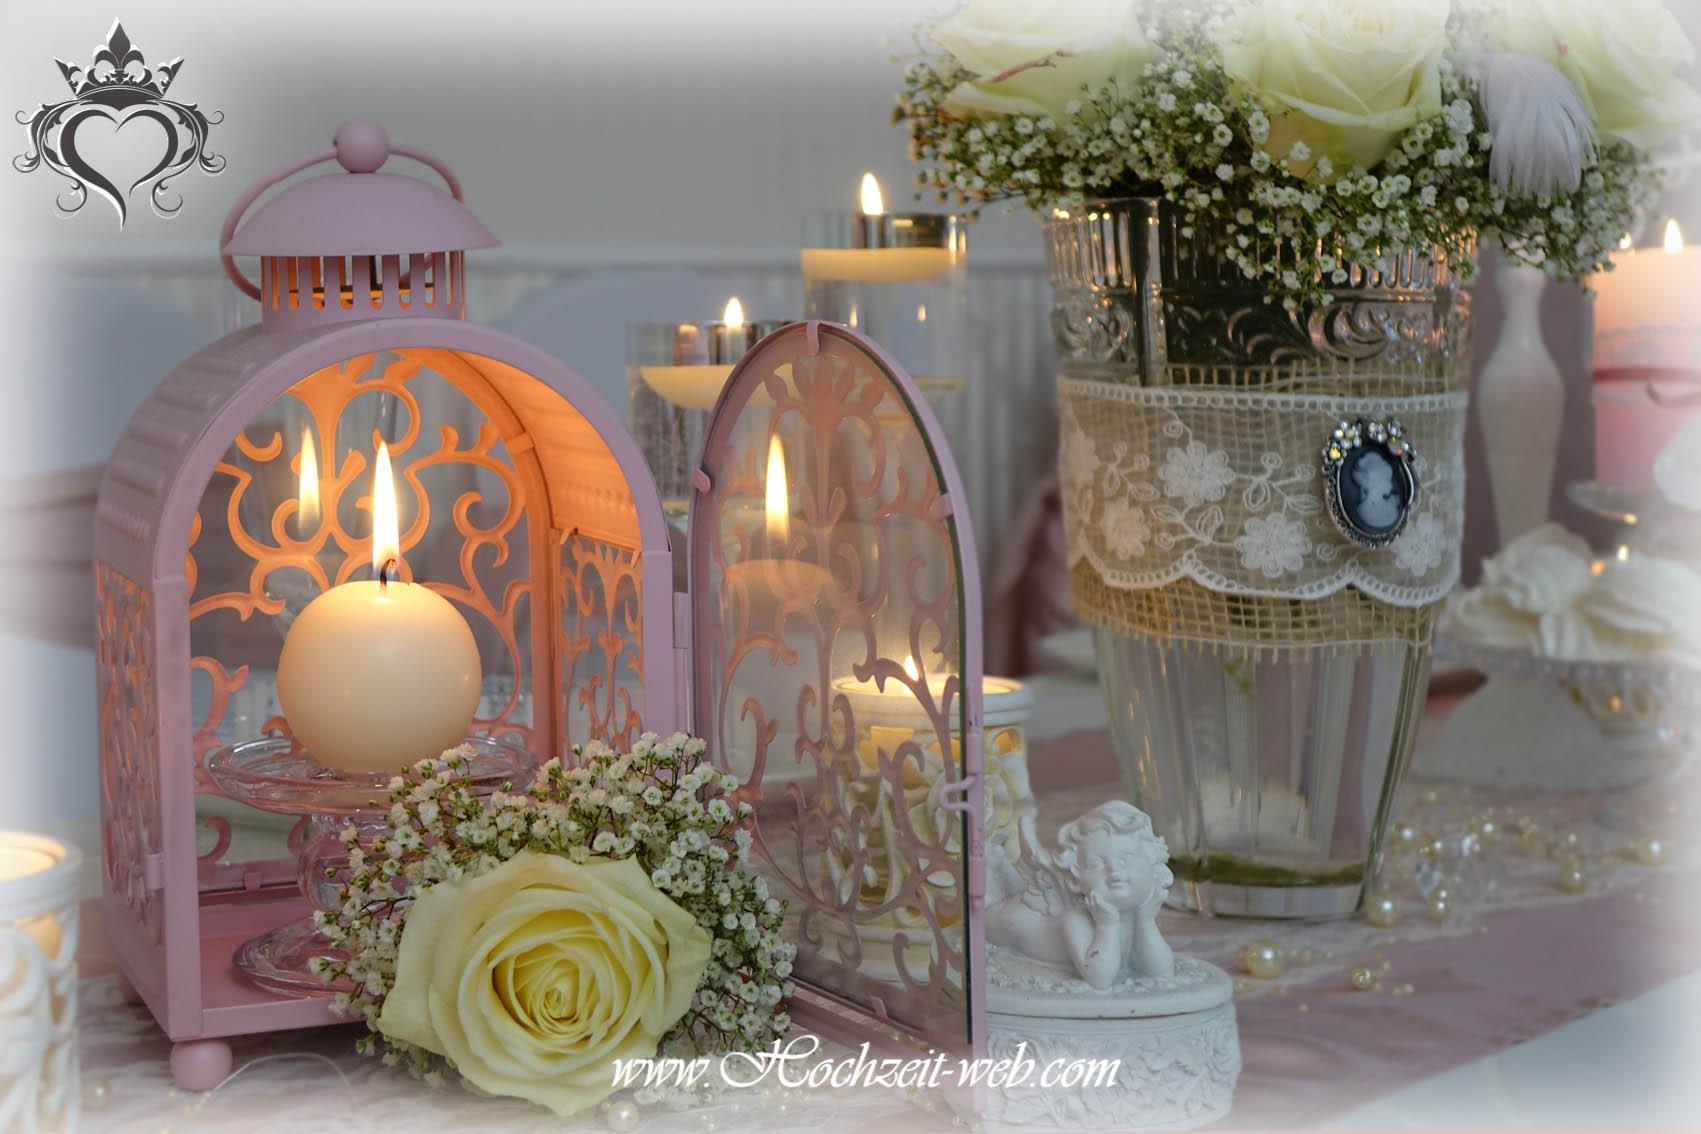 Elegante Und Extravagante Vasen F R Tischdekoration